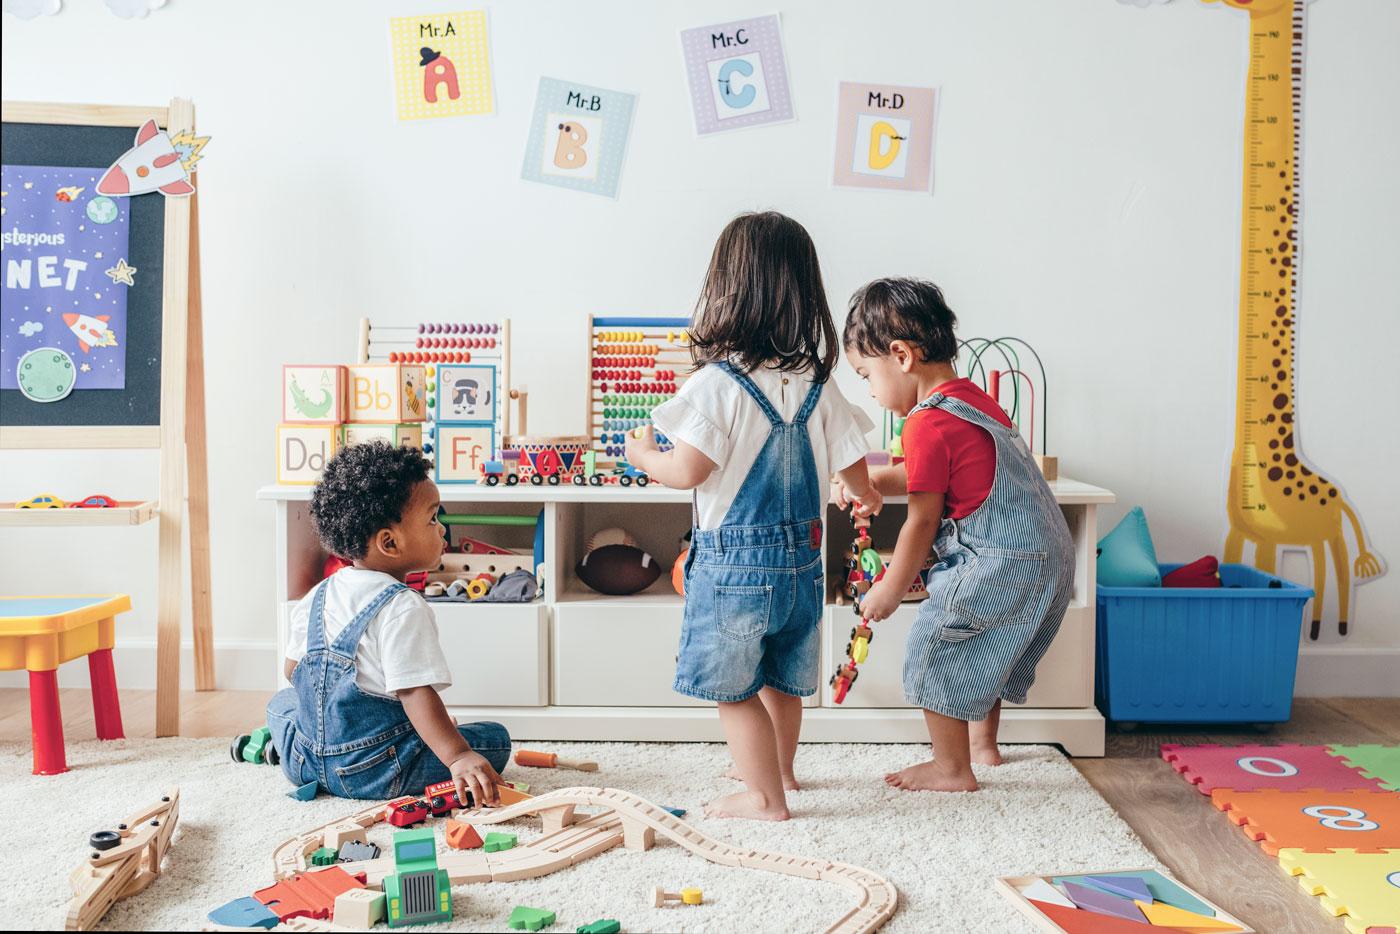 Kinderen spelen met verschillend speelgoed